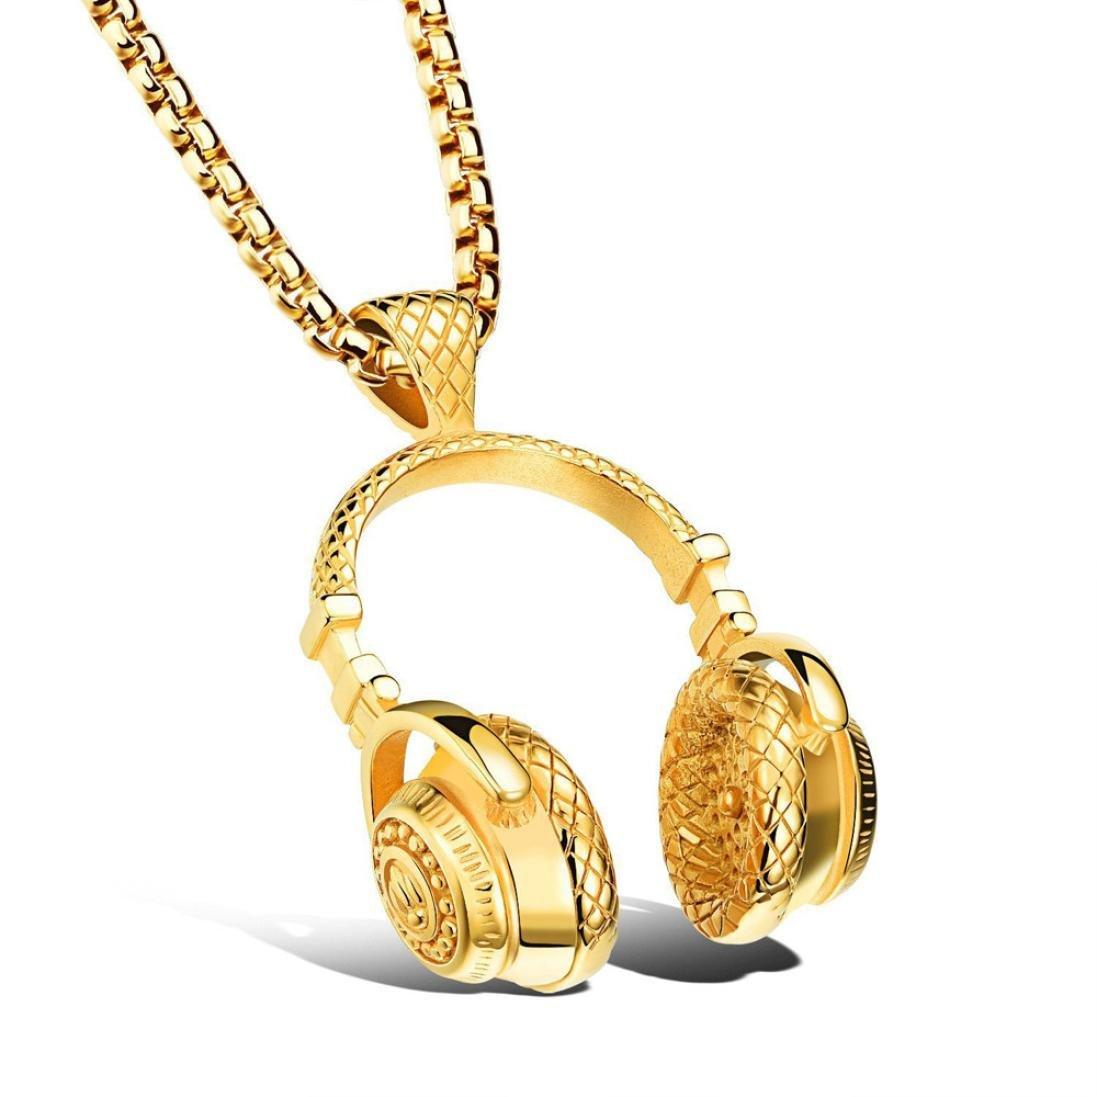 Mingfa, Halskette mit Mikrofon-Anhä nger fü r Damen und Herren, Hip-Hop-/Punk-Stil, lange Pullover-Kette, aussagekrä ftiger Schmuck modisch gold Mingfa.y